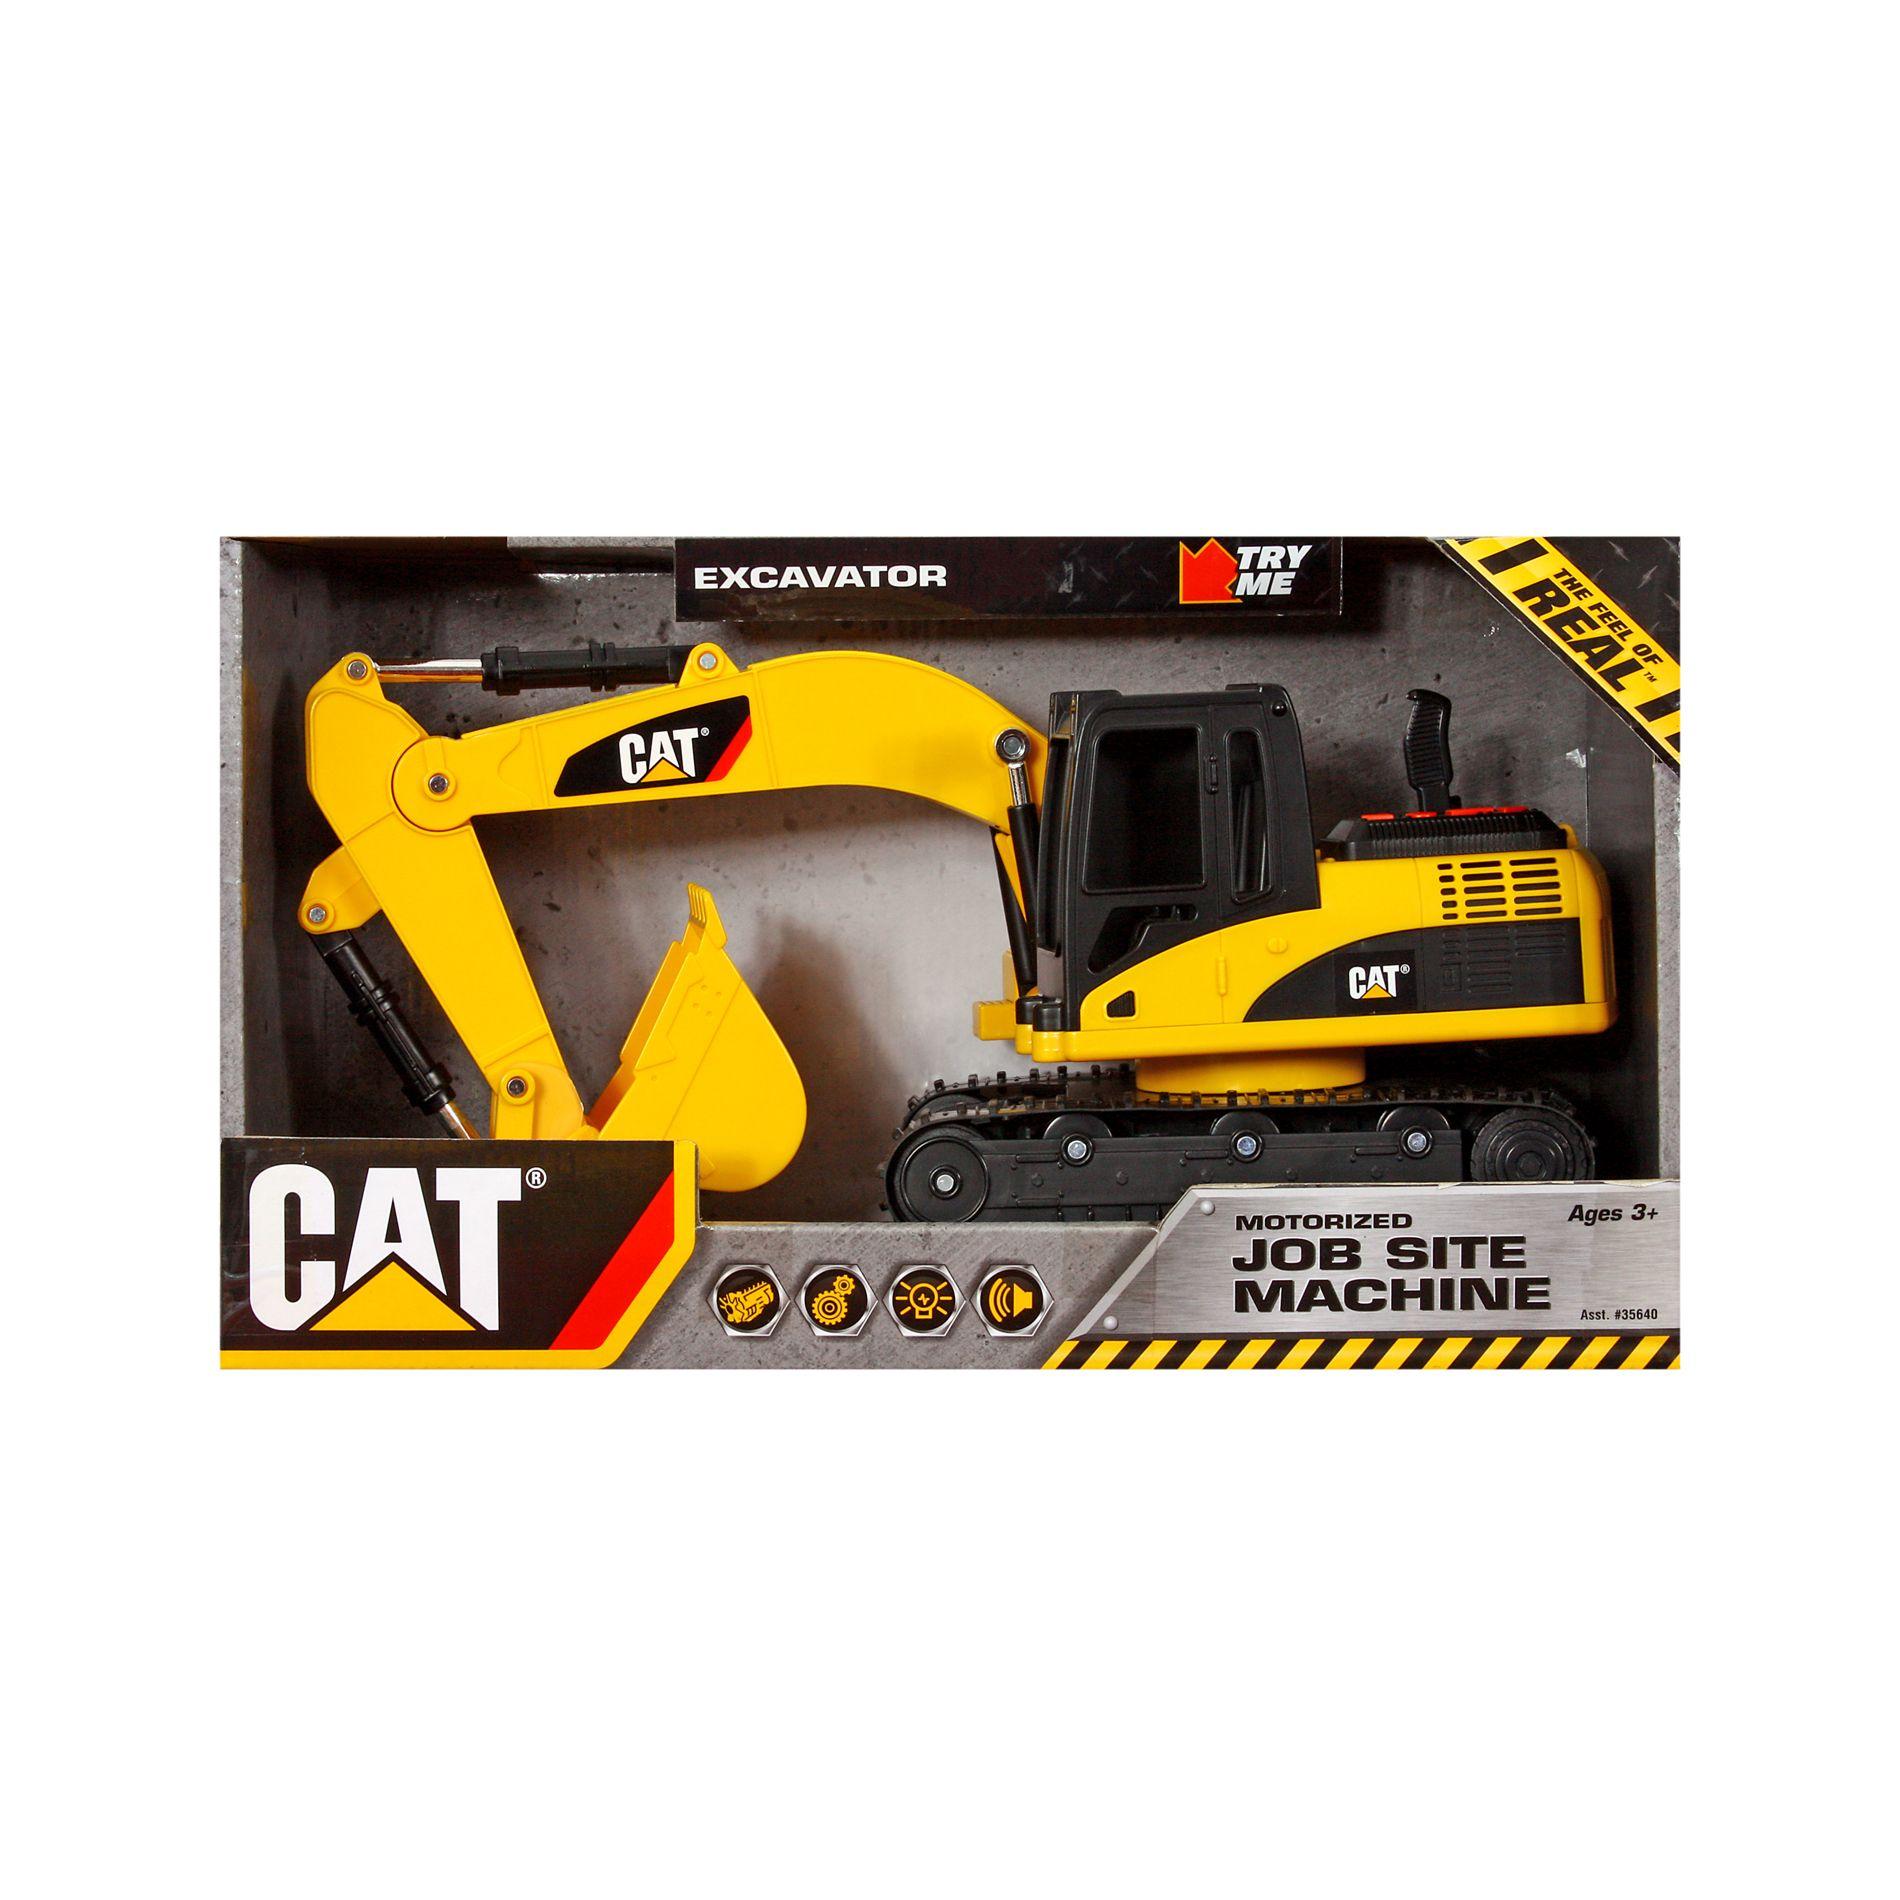 caterpillar site machine excavator